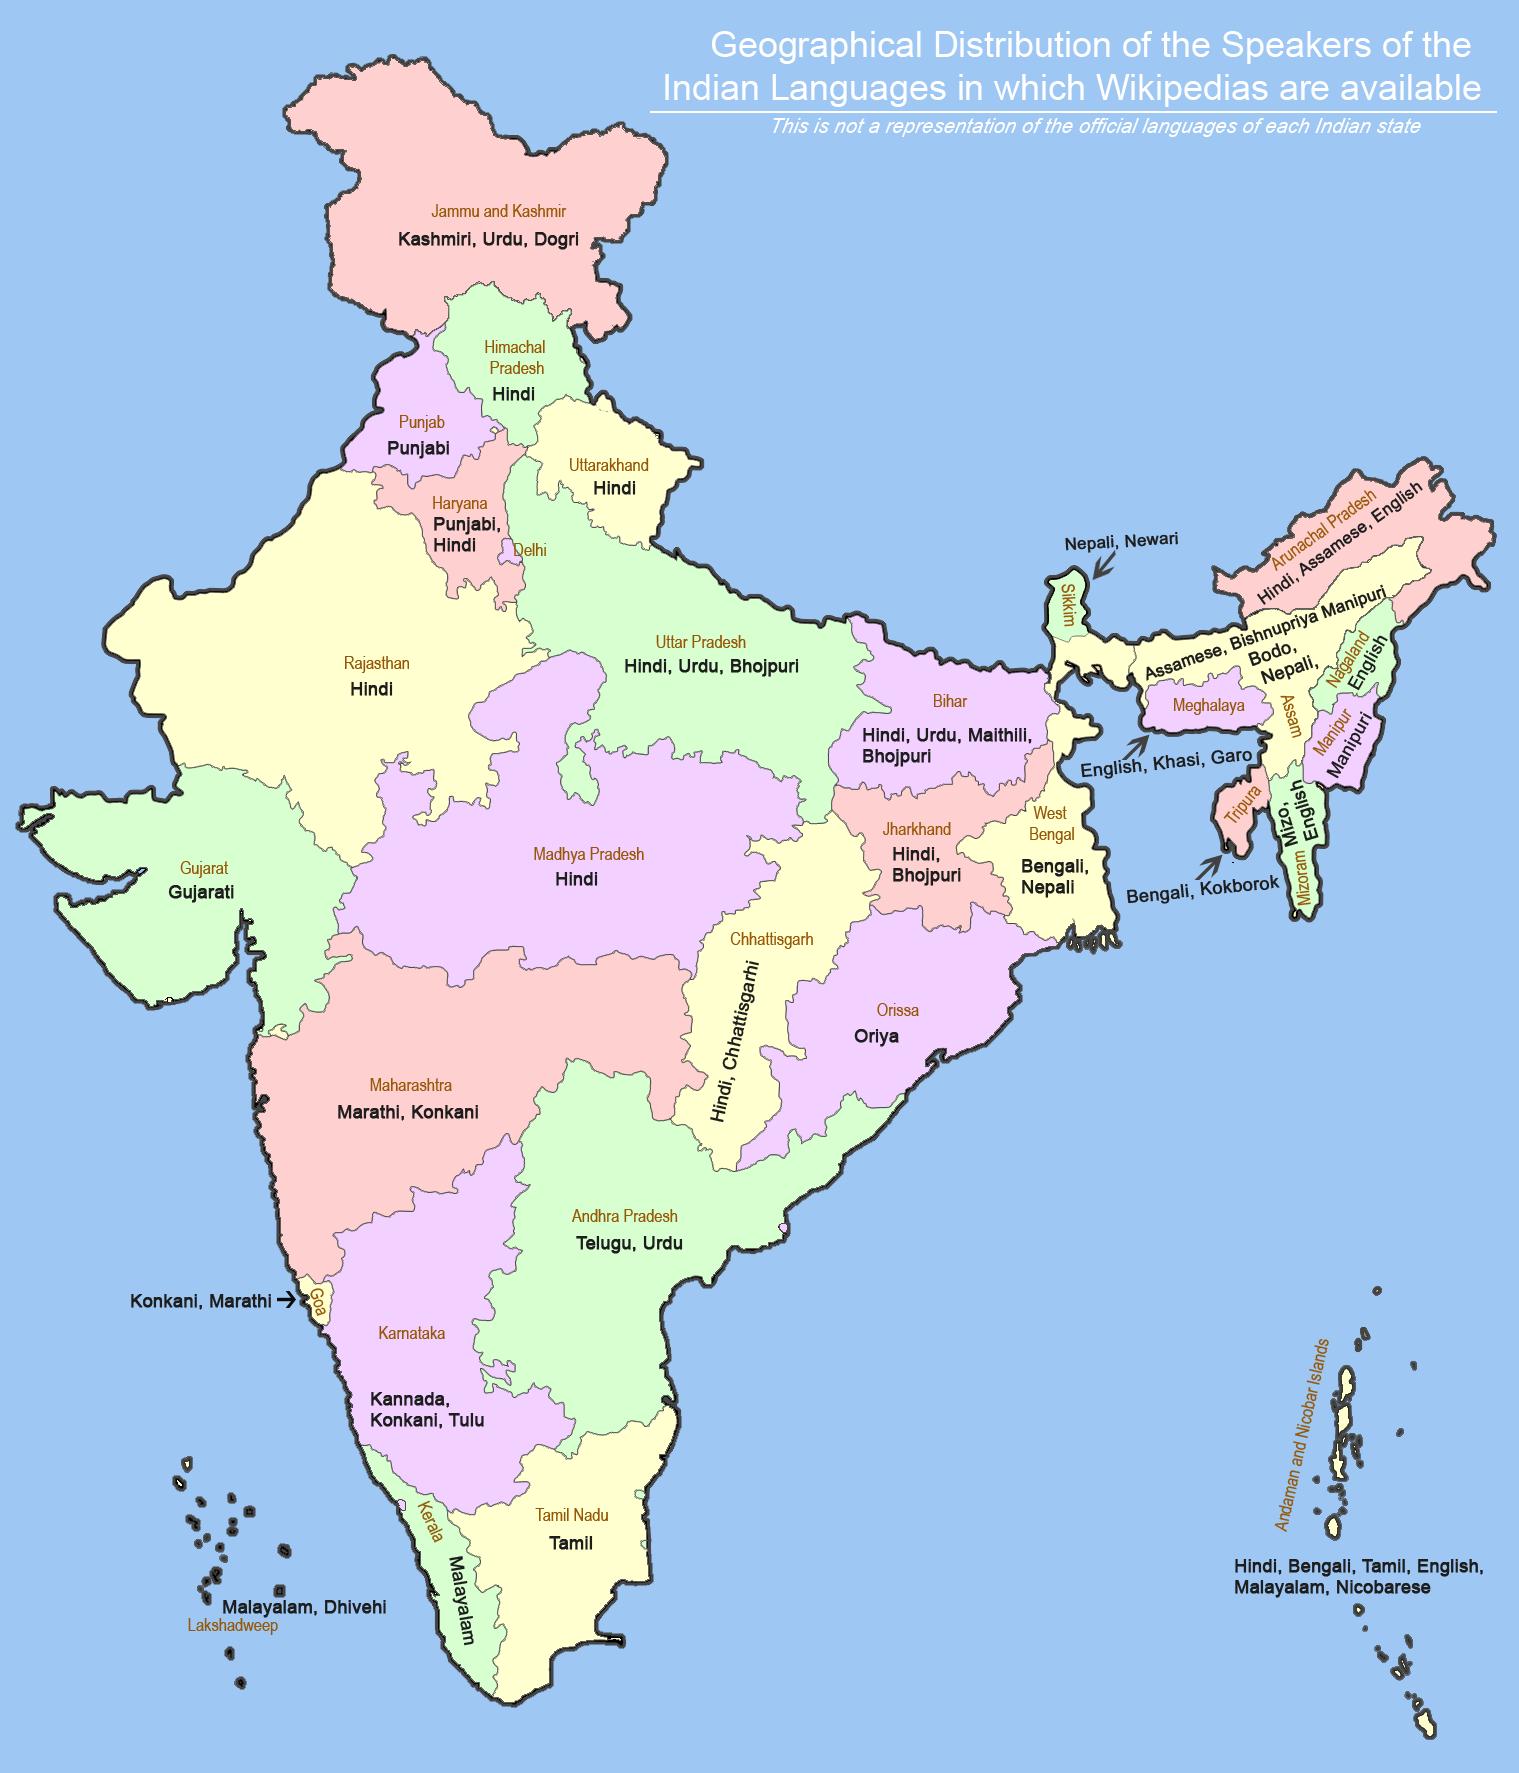 भारत की राष्ट्रीय भाषा क्या है? यहाँ देखें भारत की 22 भाषाओं की सूची_50.1